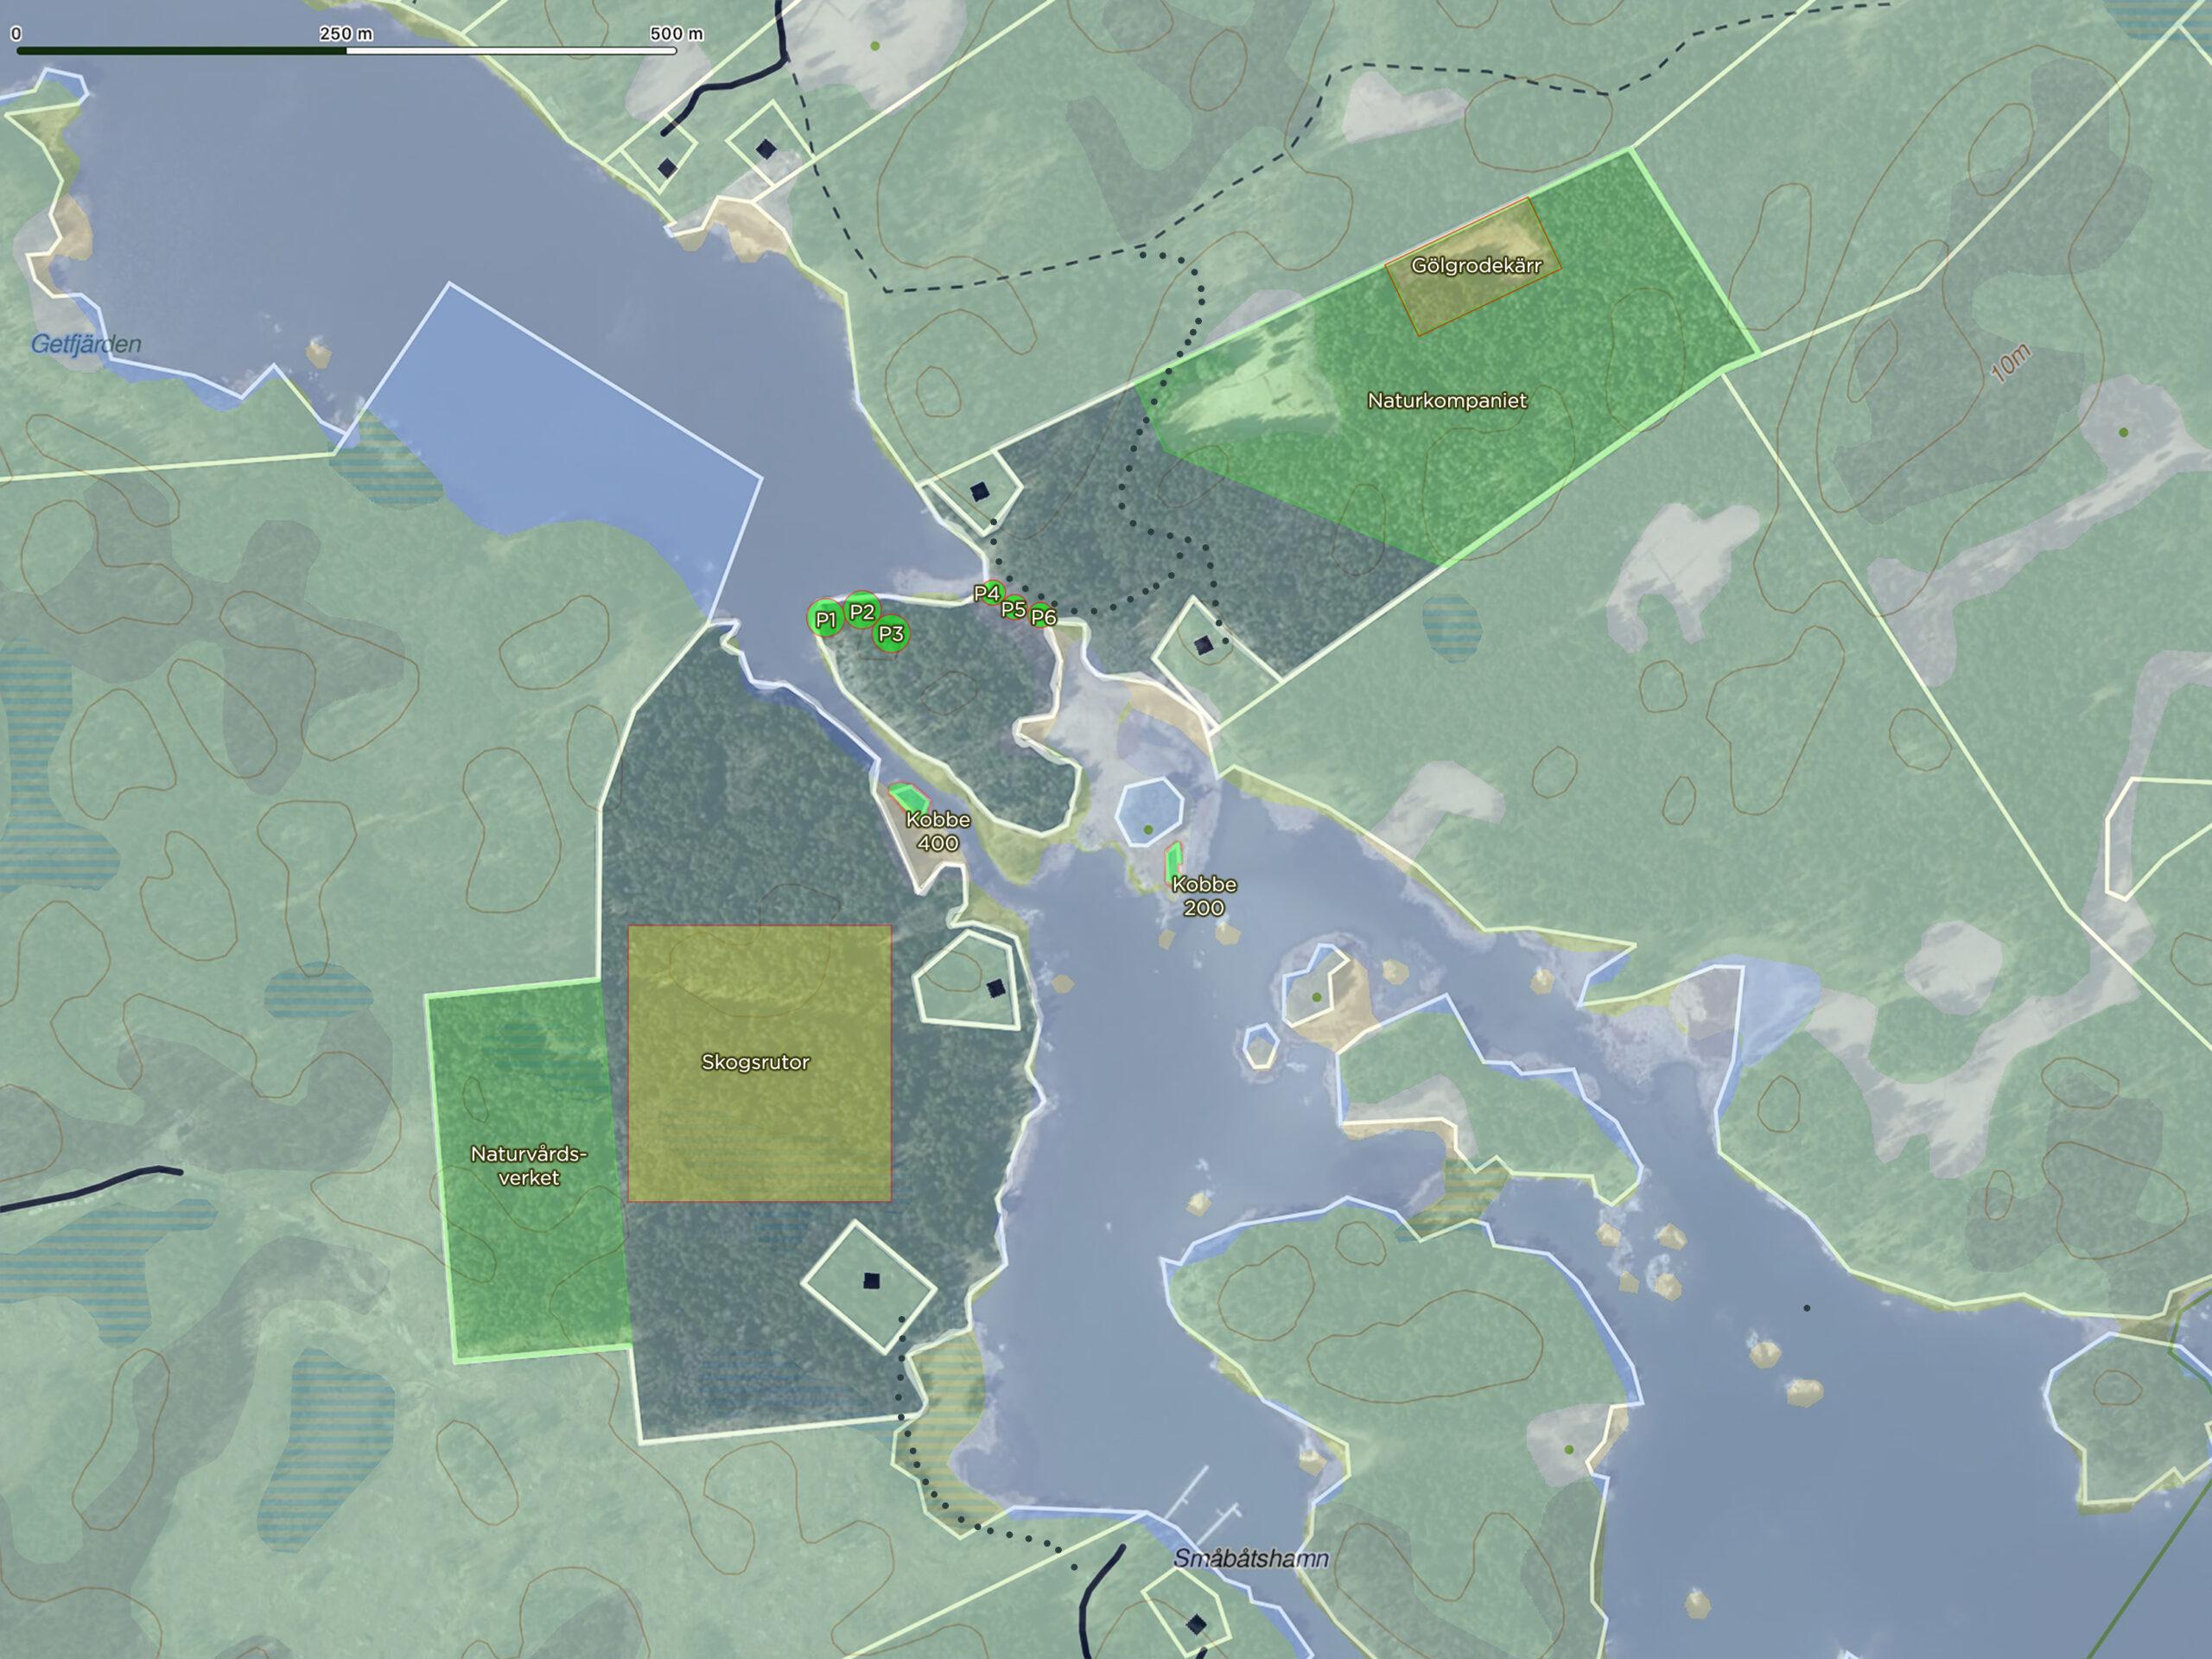 Insamlingskarta Svartsundet